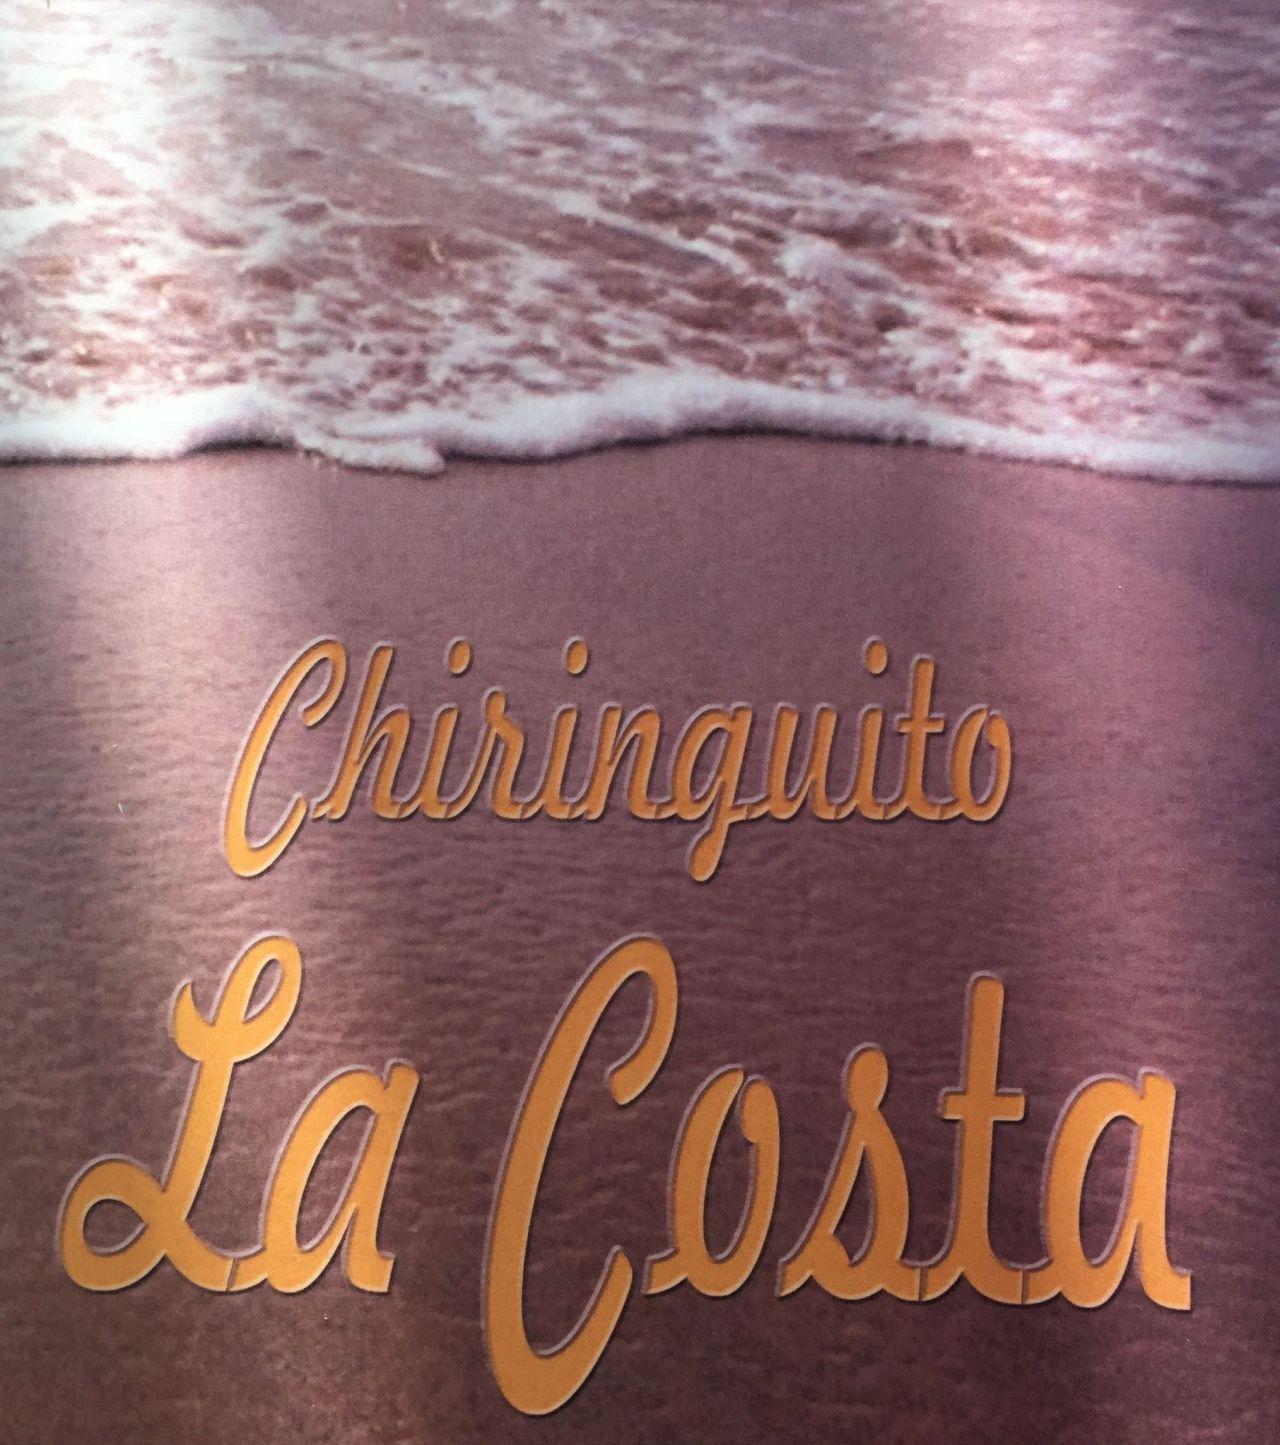 Chiringuito La Costa